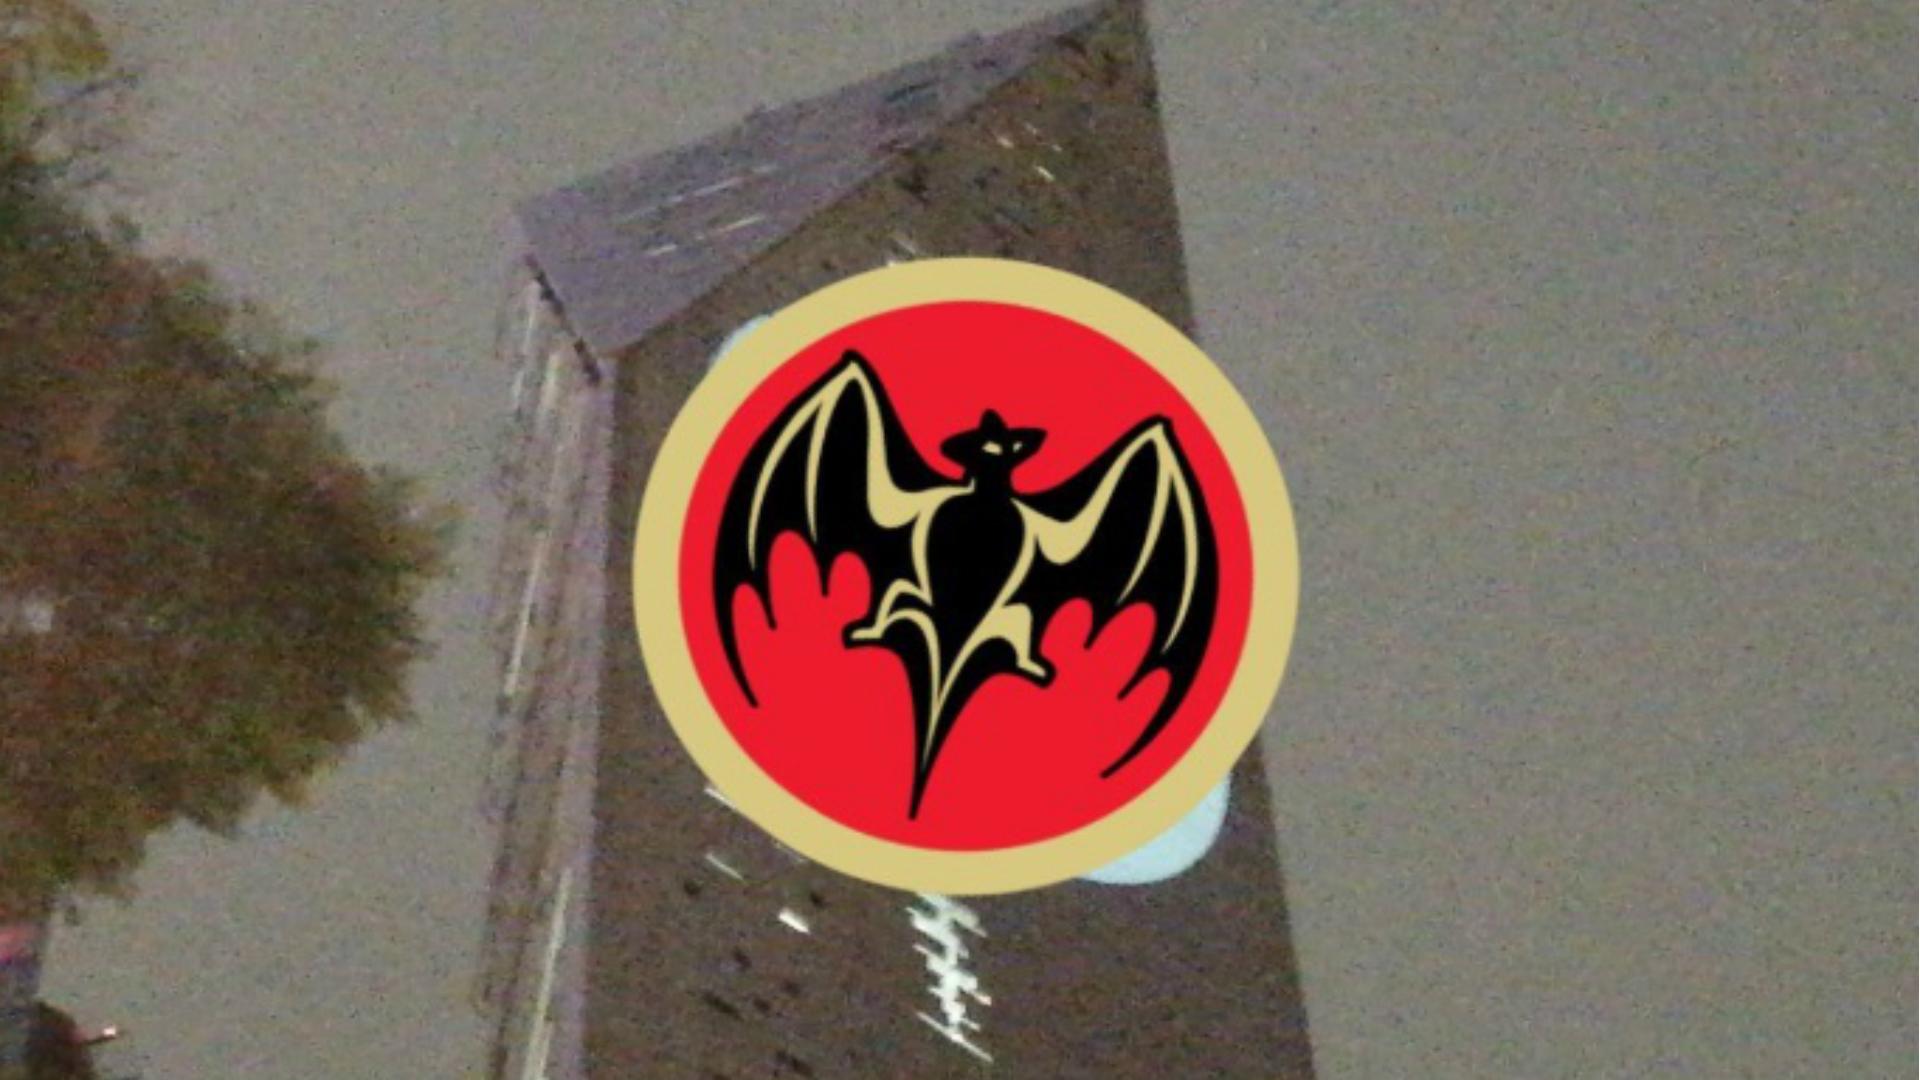 Los memes en Twitter hicieron énfasis en el parecido del logo con el de Bacardi (Foto: Twitter)